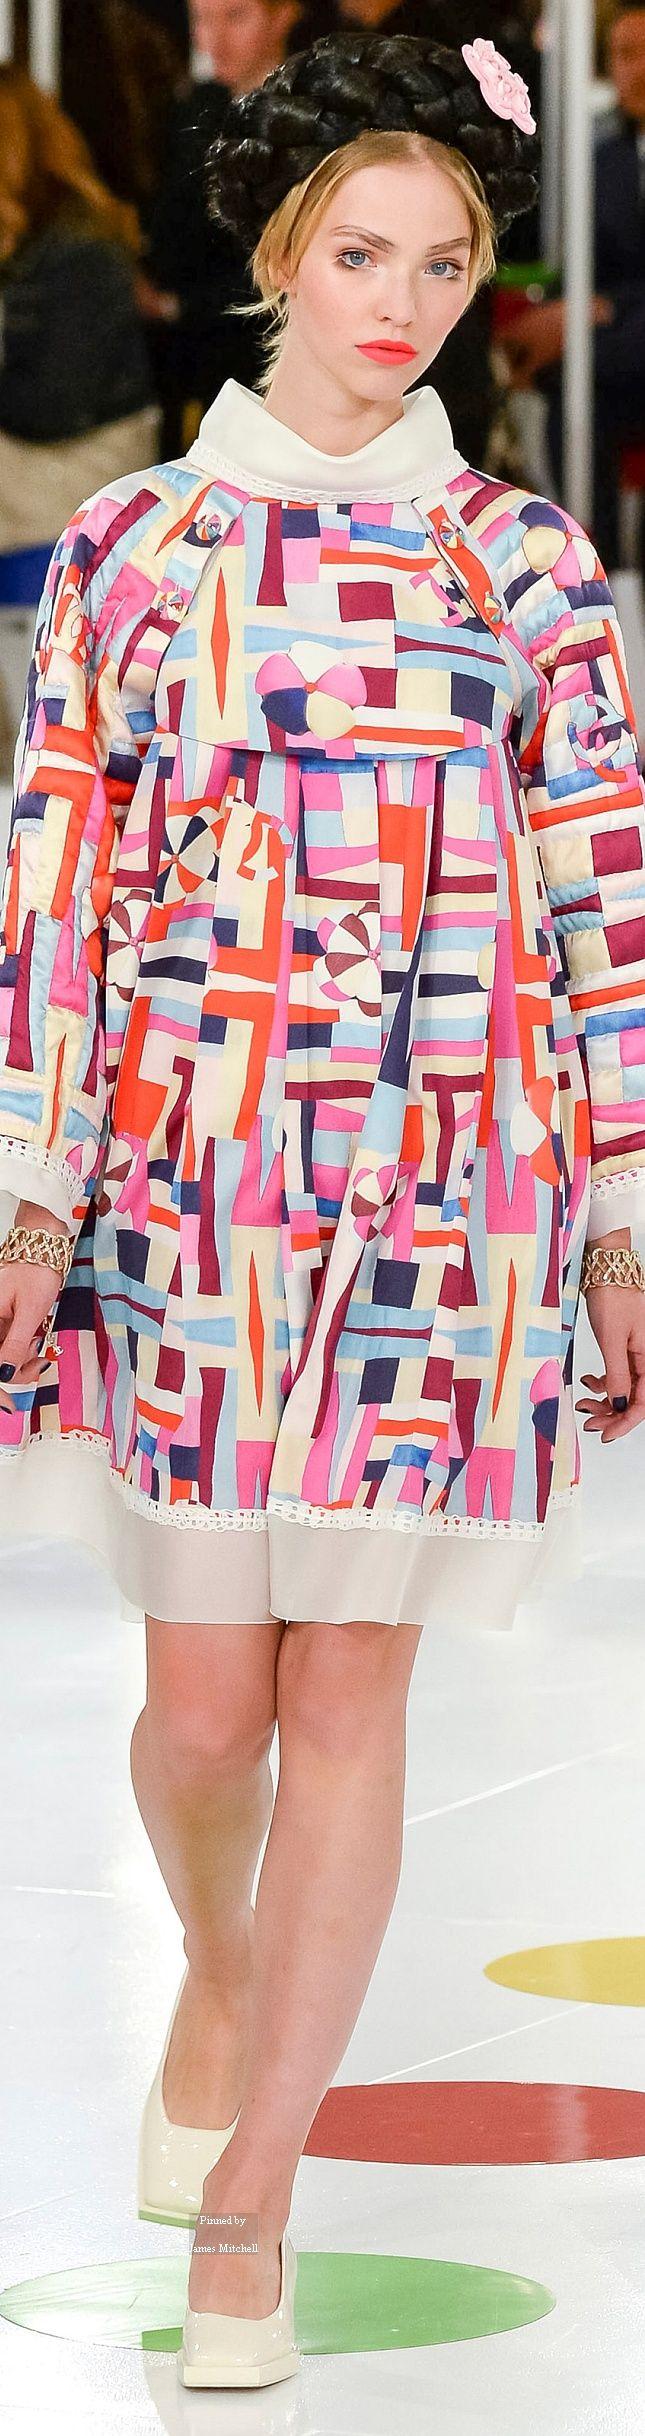 Contemporáneo Vestido De Fiesta De Chanel Ilustración - Colección de ...